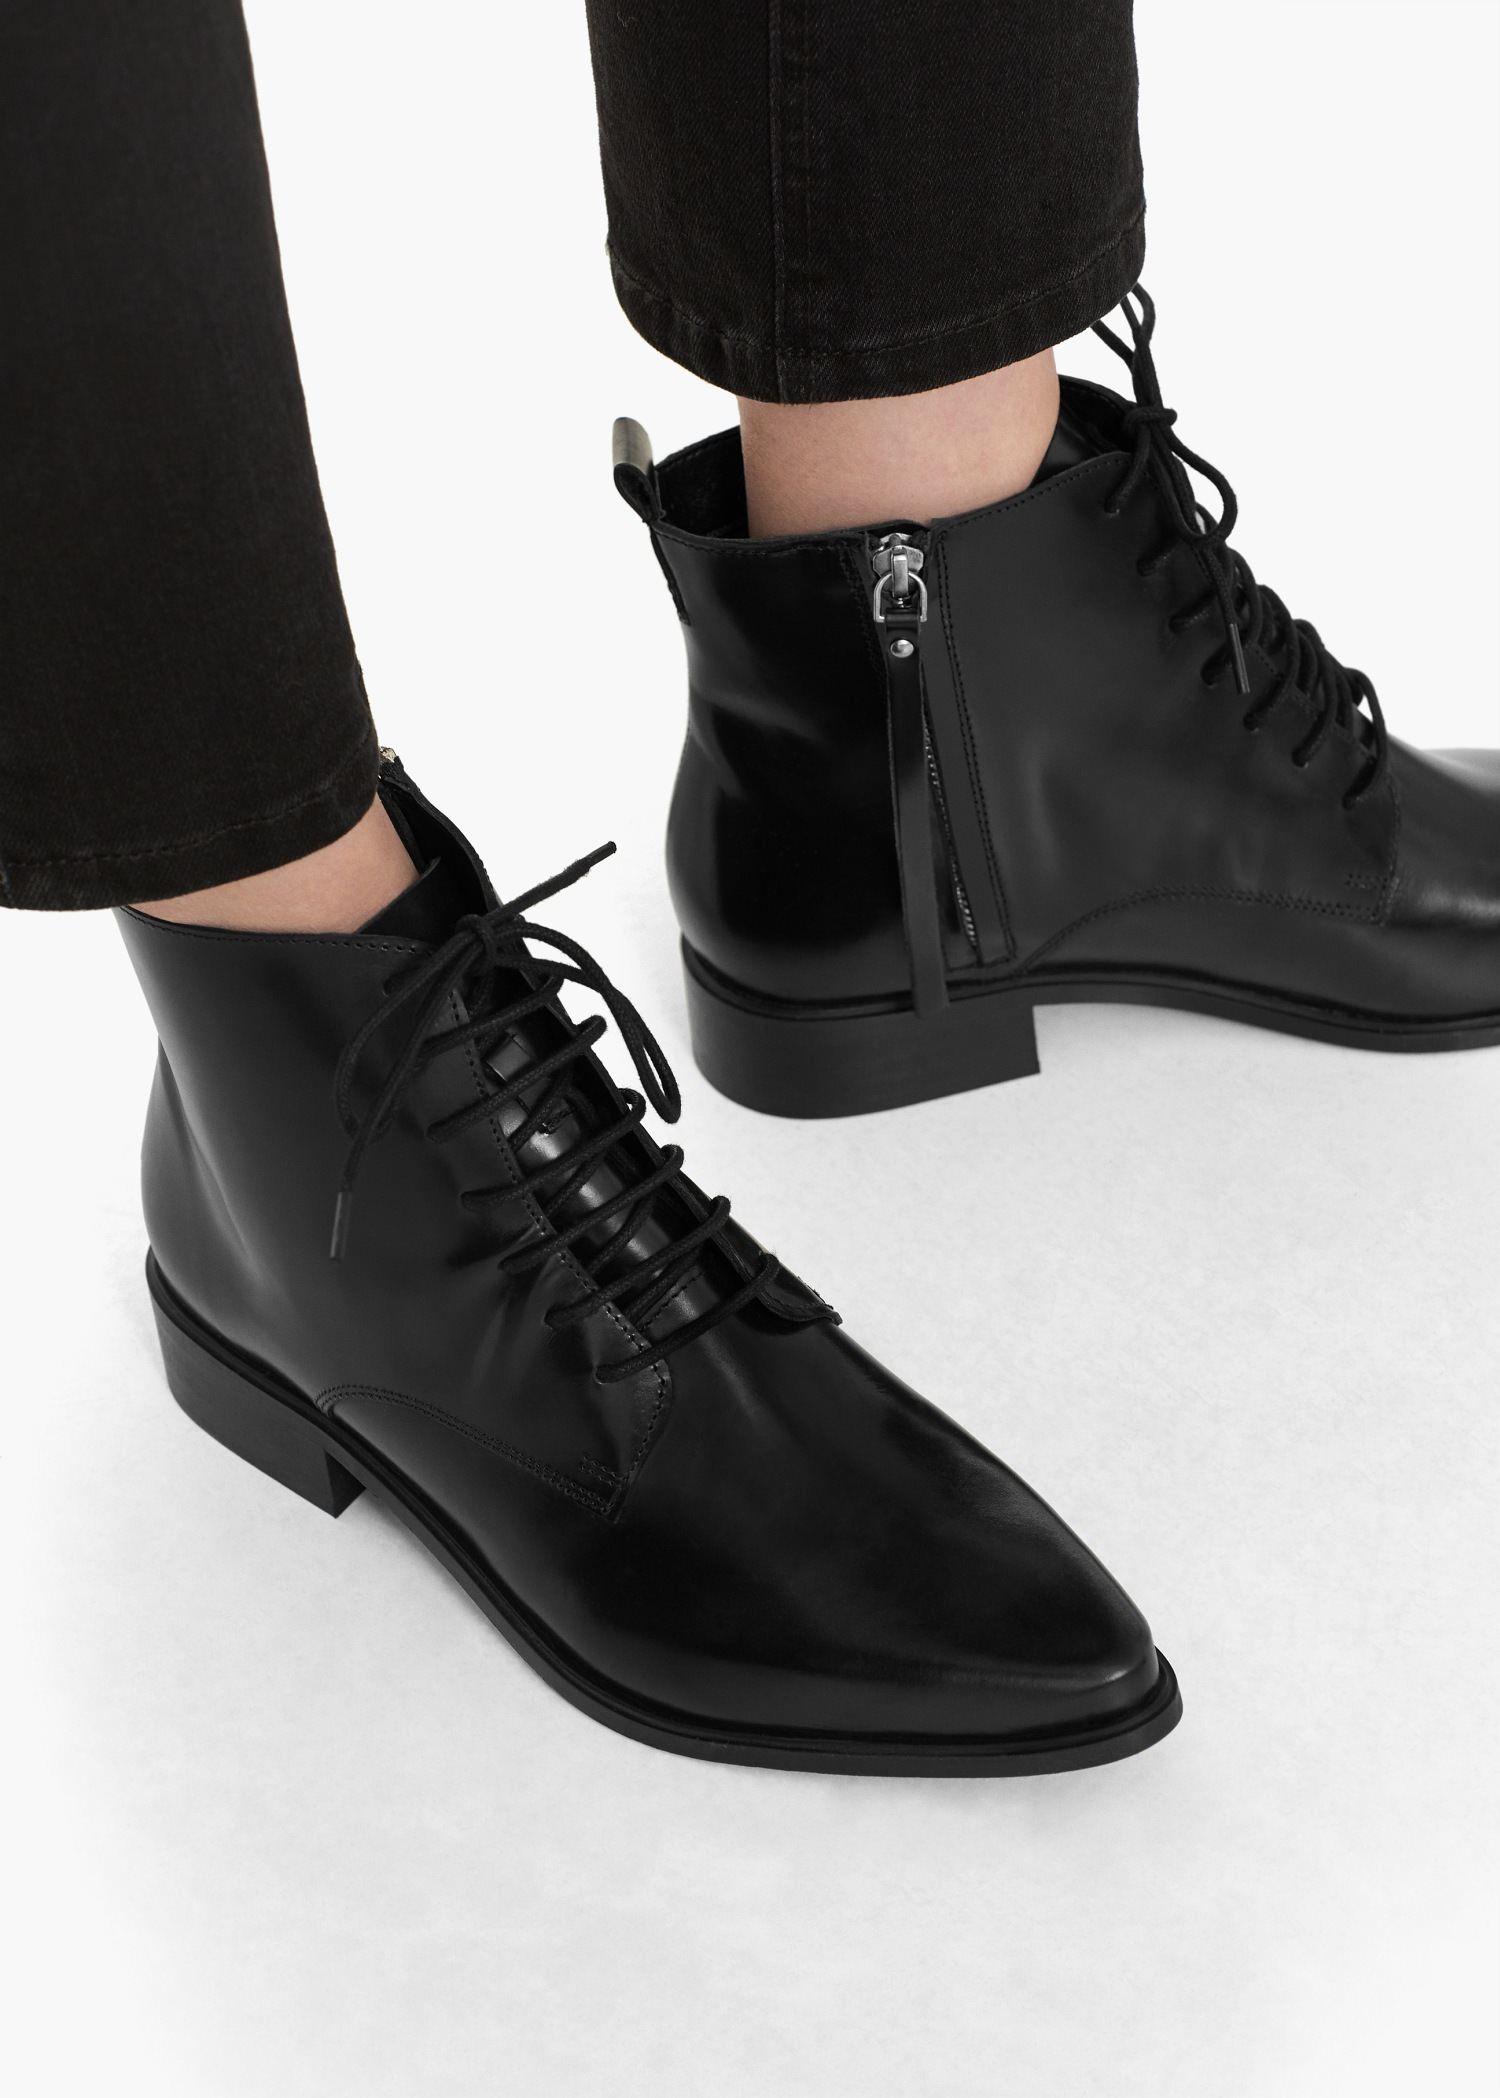 Mujer Botines bajos Casual Con Cordones Caminar Combate Agarre Zapatos Talla - Nubuck MIEL, 39